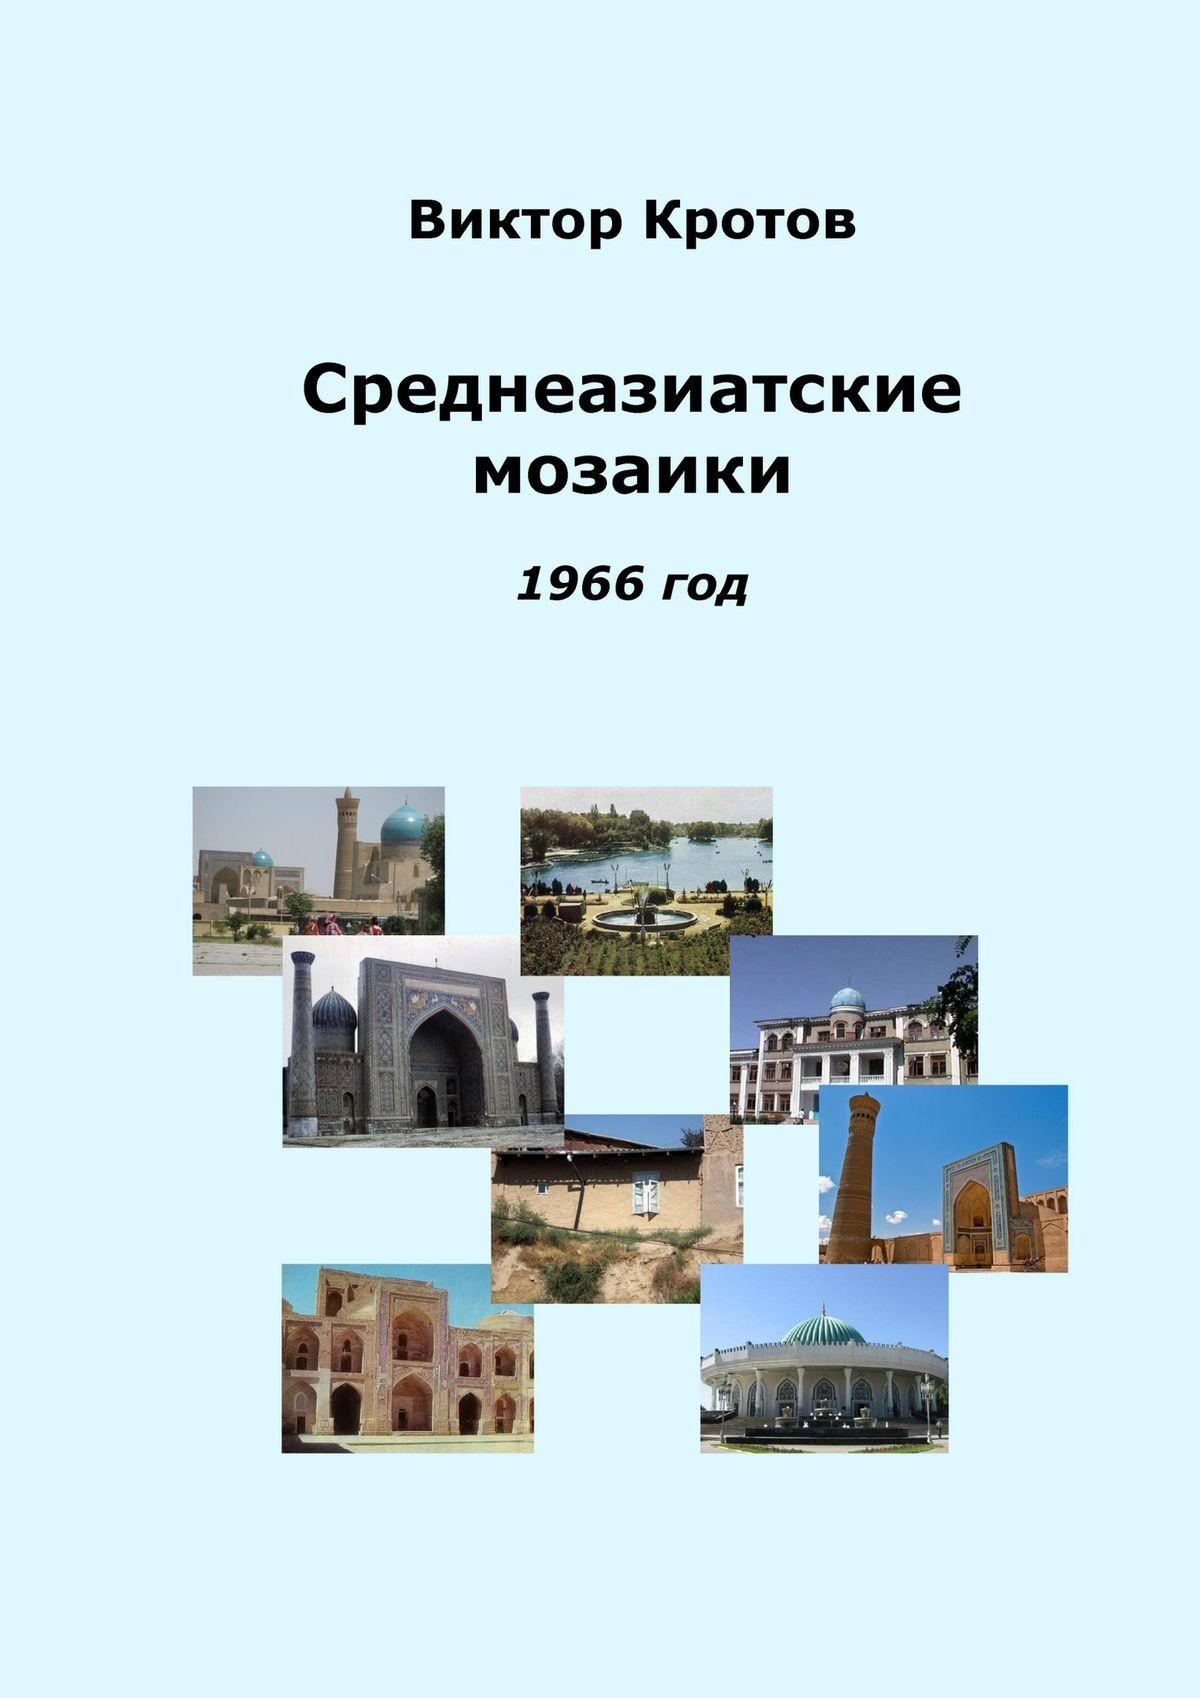 Виктор Кротов Среднеазиатские мозаики. 1966 год авиабилеты москва чимкент